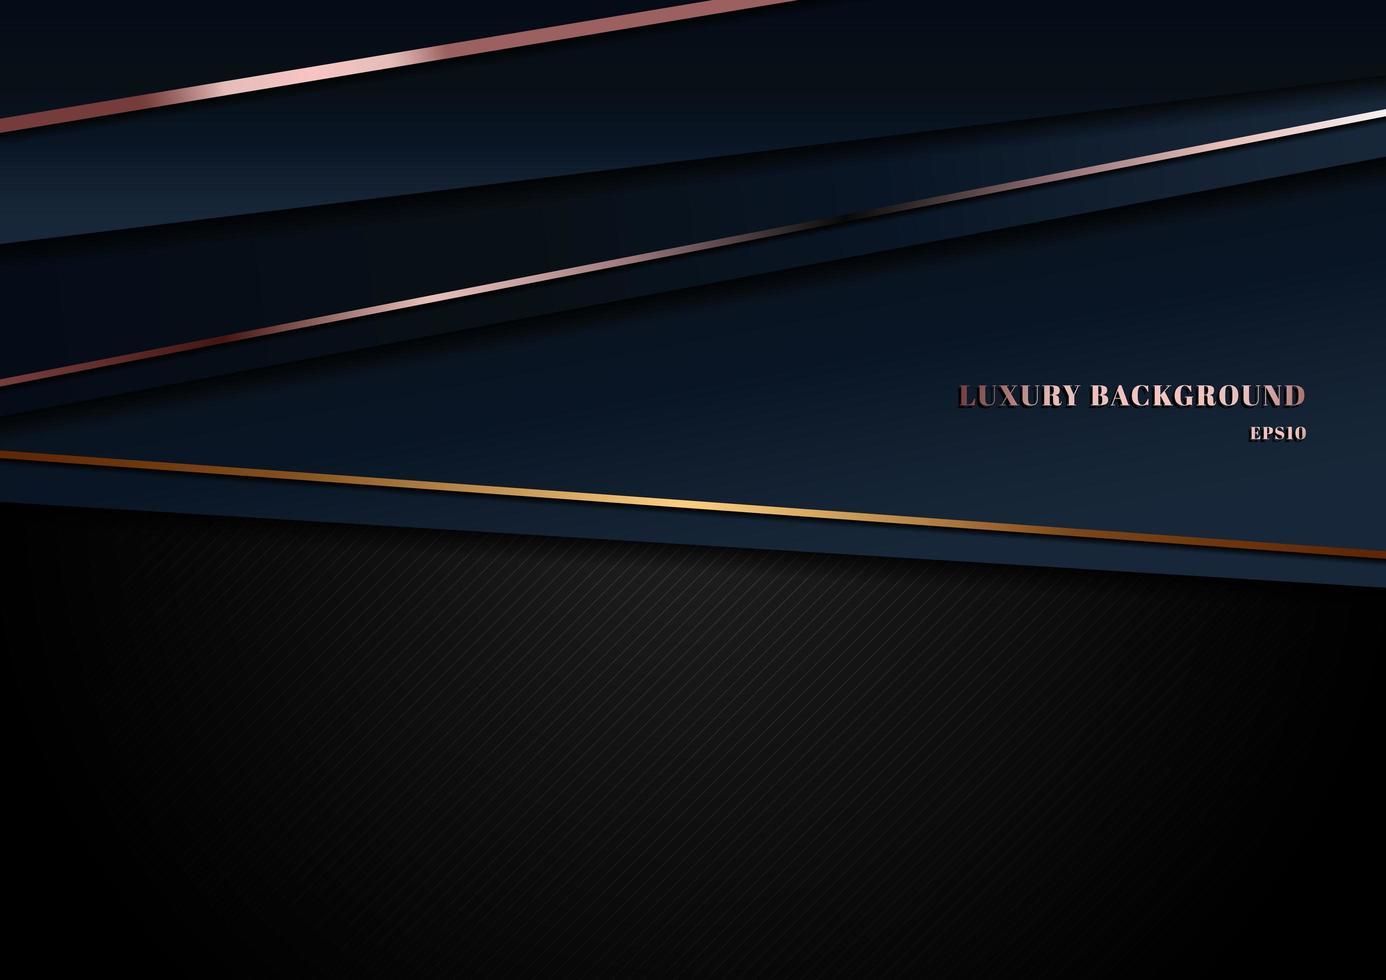 abstrakte Vorlage dunkelblau Luxus Premium Hintergrund vektor